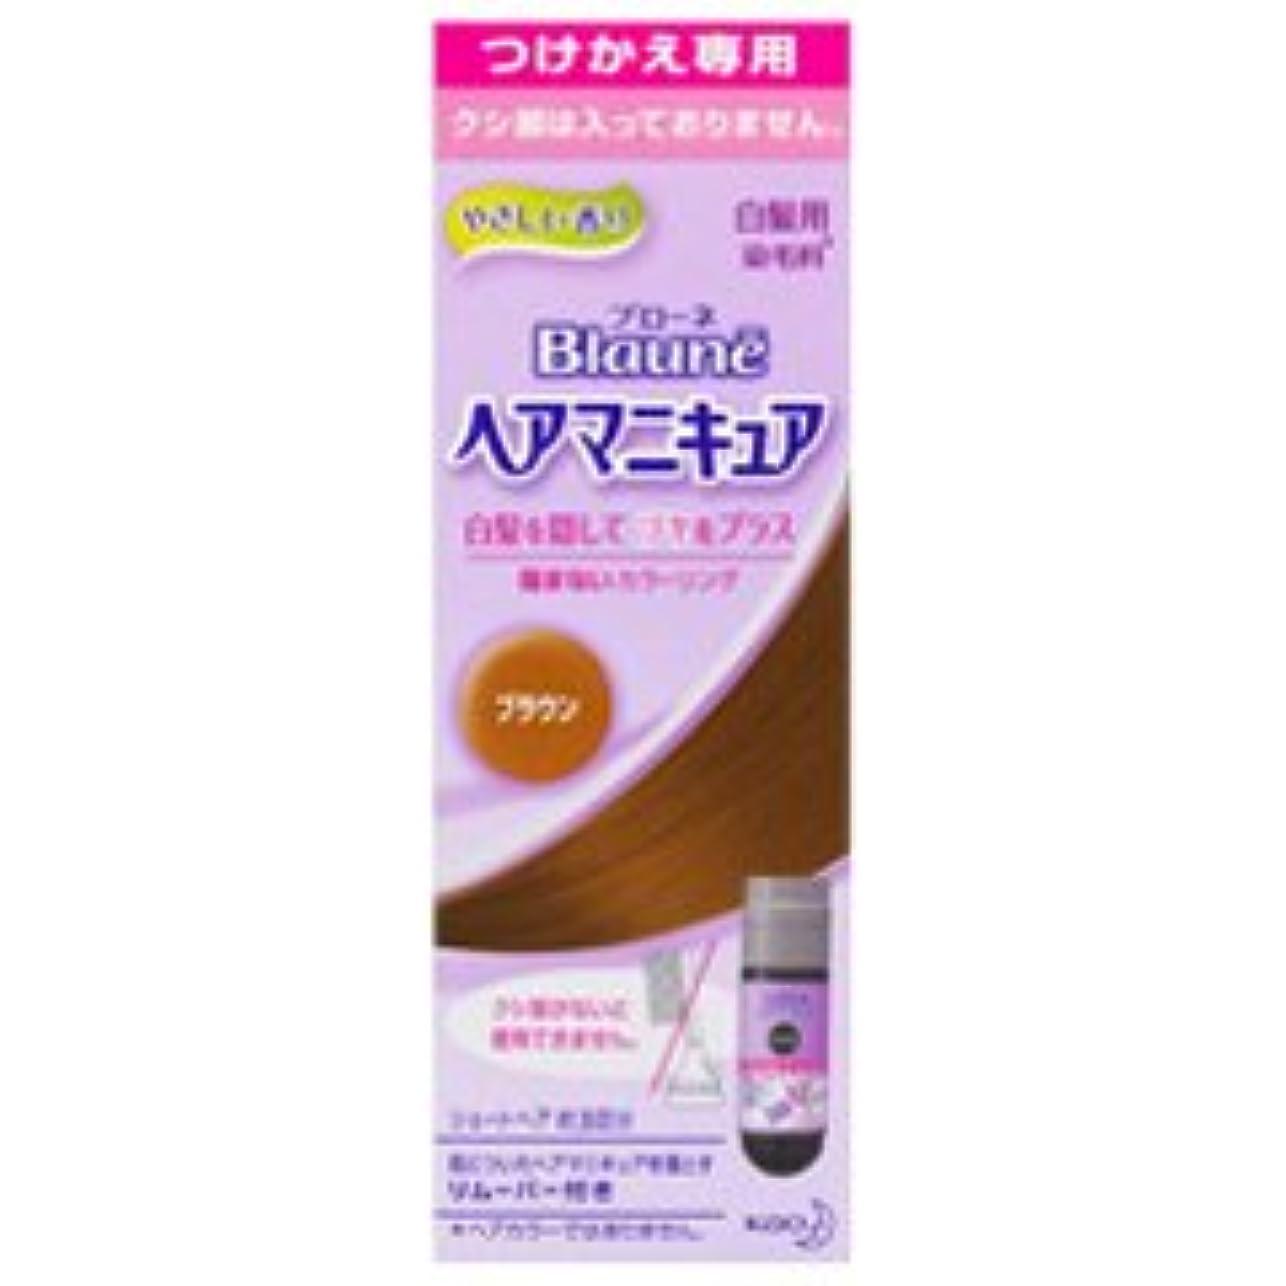 ほめる人口心から【花王】ブローネ ヘアマニキュア 白髪用つけかえ用ブラウン ×10個セット